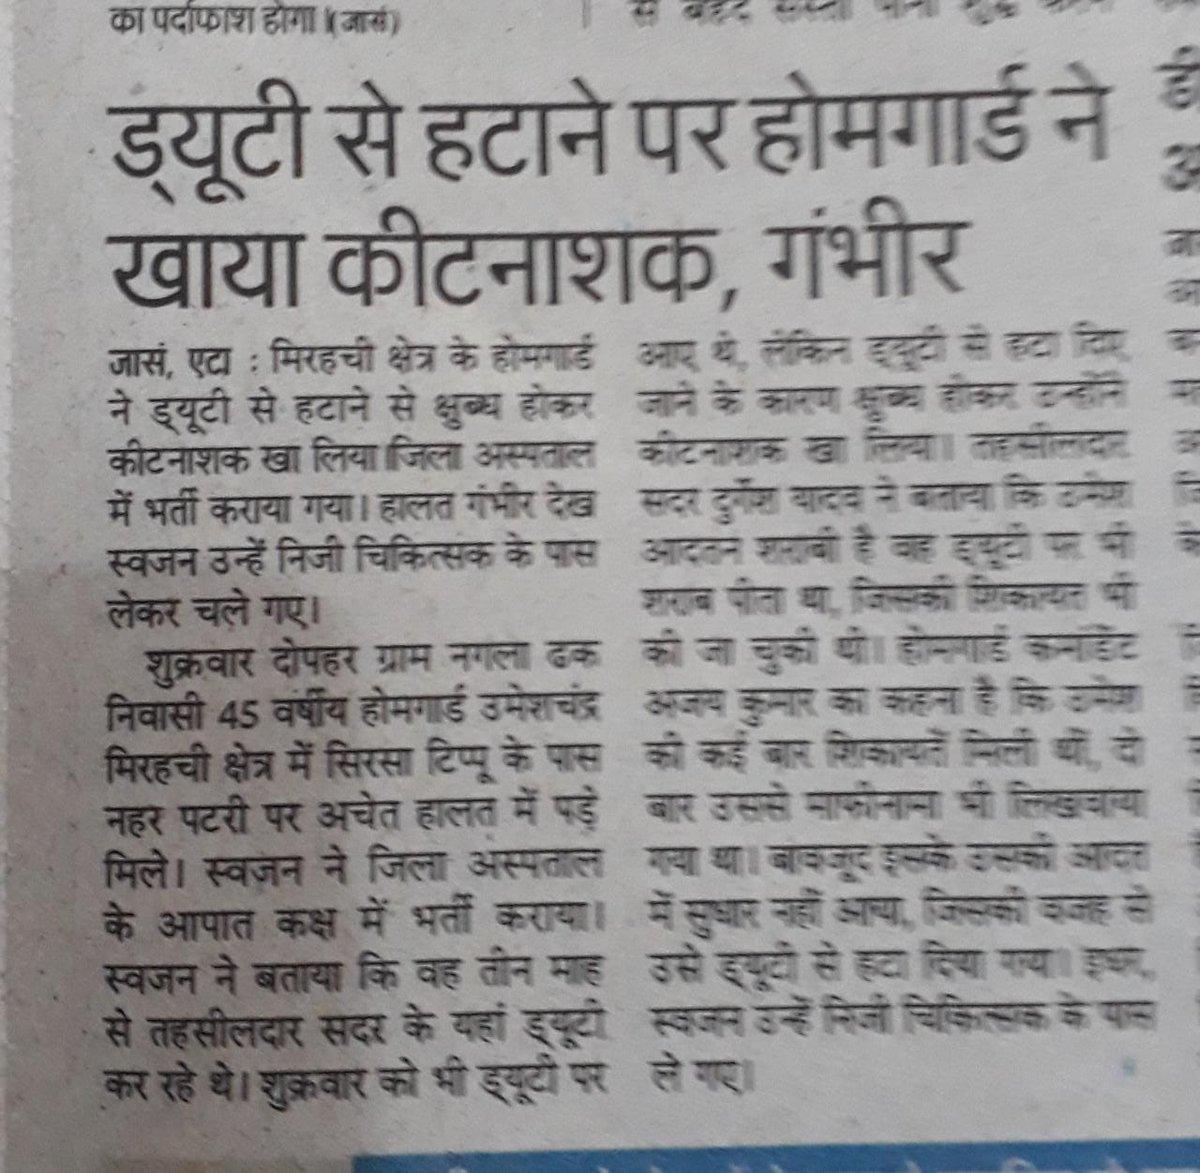 @RahulGandhi @AjayLalluINC होमगार्ड जवान को हत्या के लिए मजबूर किया जाता है बार-बार बजट का बहाना बनाकर ड्यूटी से हटा देना यह होमगार्ड्स अधिकारियों द्वारा एवं शासन द्वारा आत्महत्या करने के लिए मजबूर करना है जब आपके पास में बजट नहीं है  तो